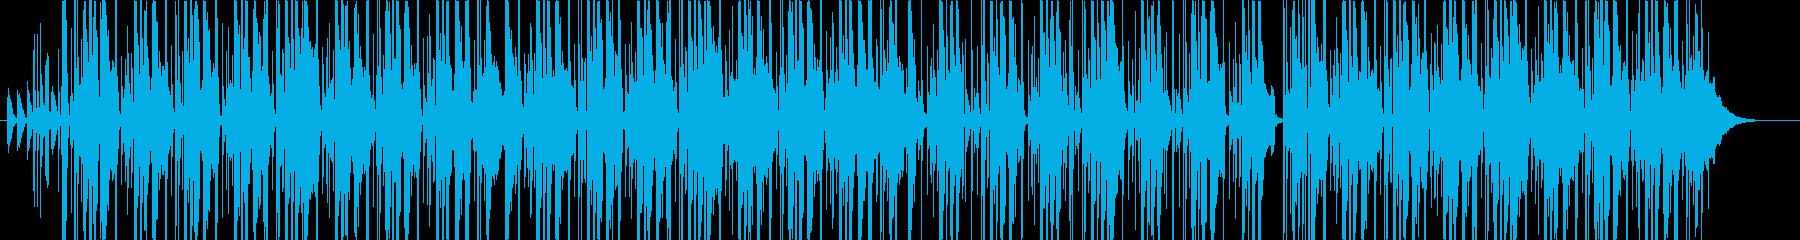 おしゃれで気怠いヒップホップBGMの再生済みの波形